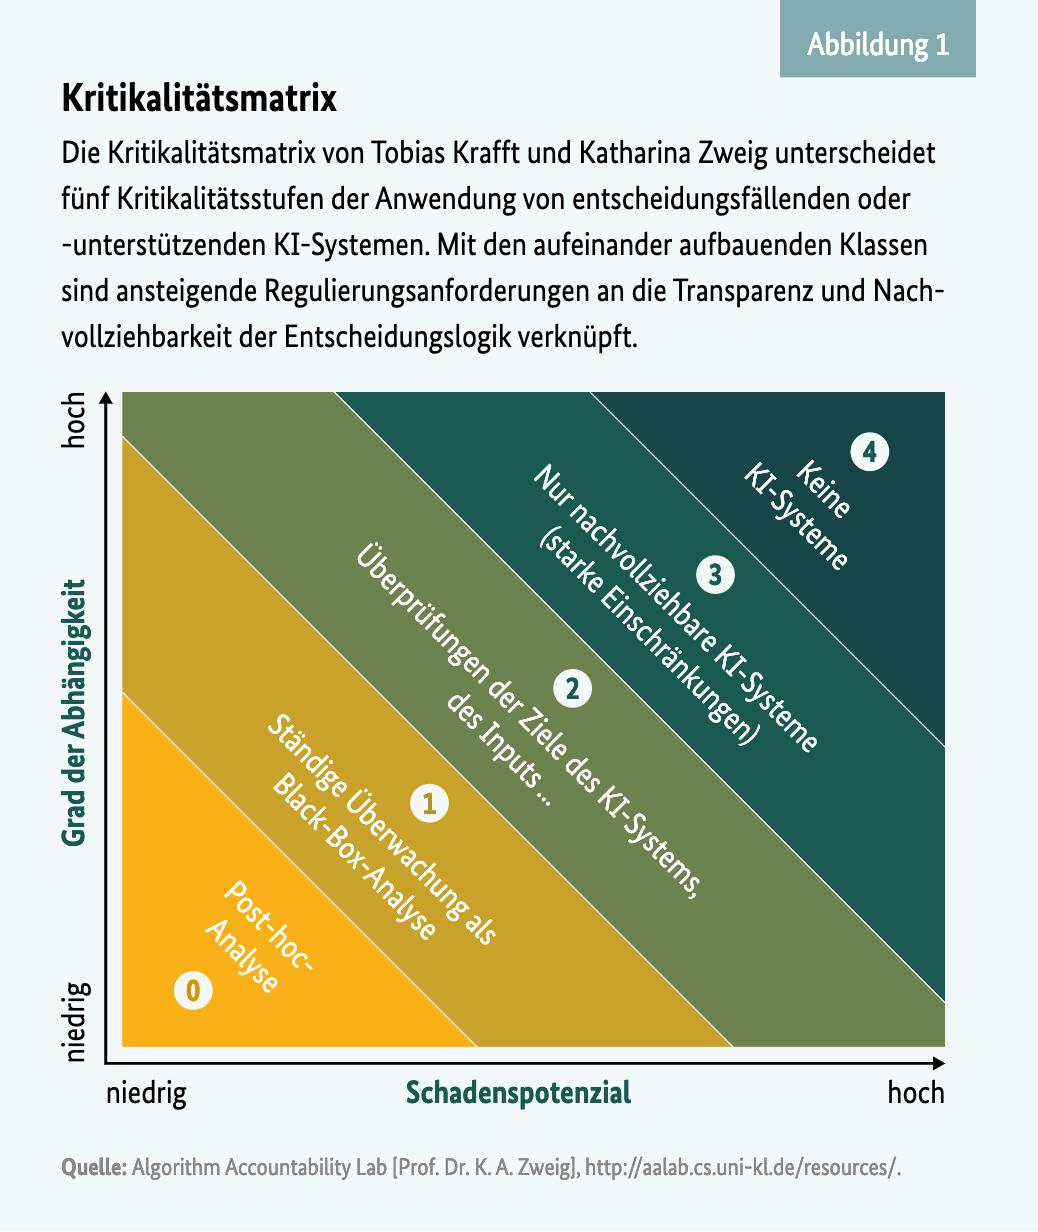 Die Kritikalitätsmatrix für entscheidungsfällende KI